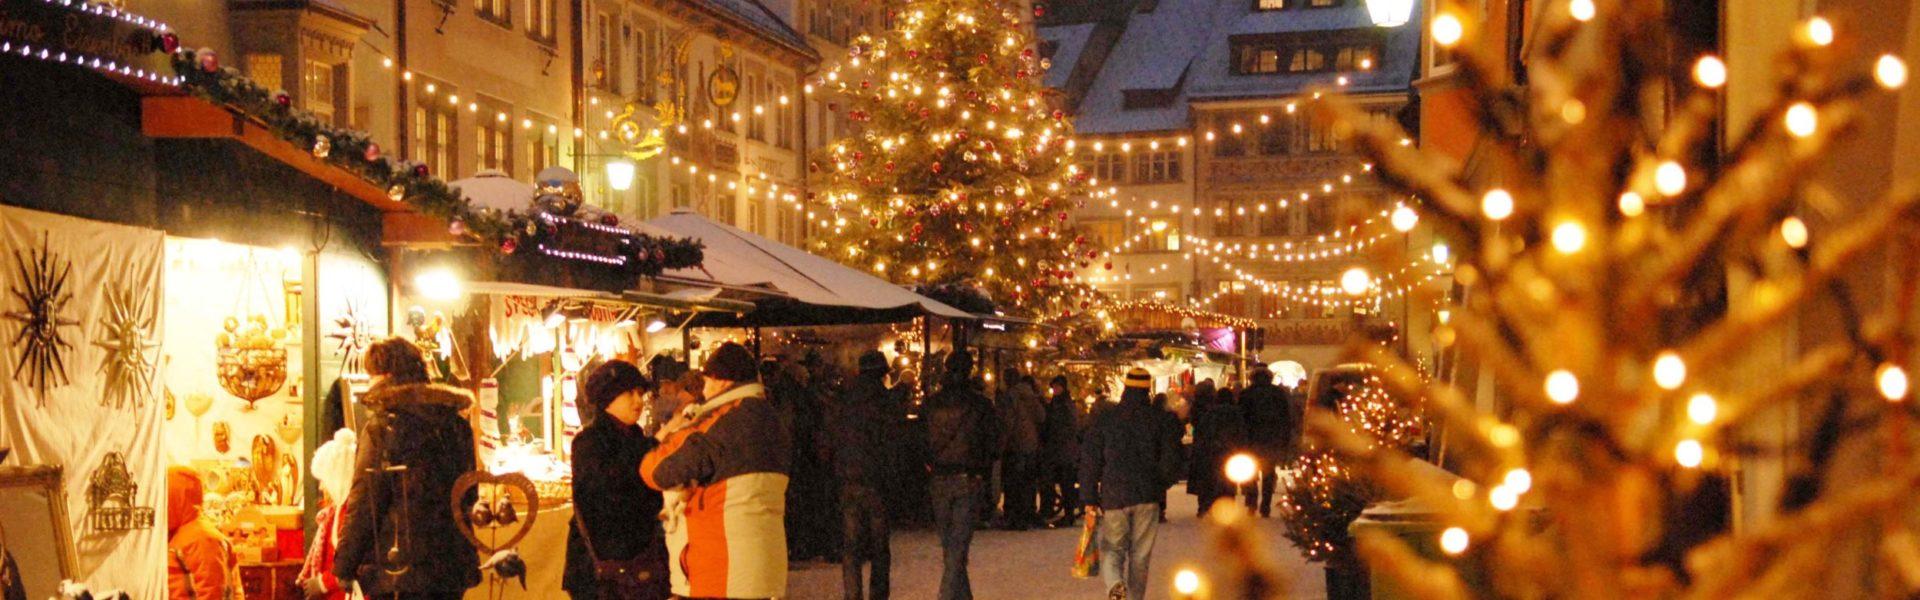 Weihnachtsmarkt Feldkirch, Bodensee-Vorarlberg, Advent in Vorarlberg © Stadtmarketing und Tourismus Feldkirch